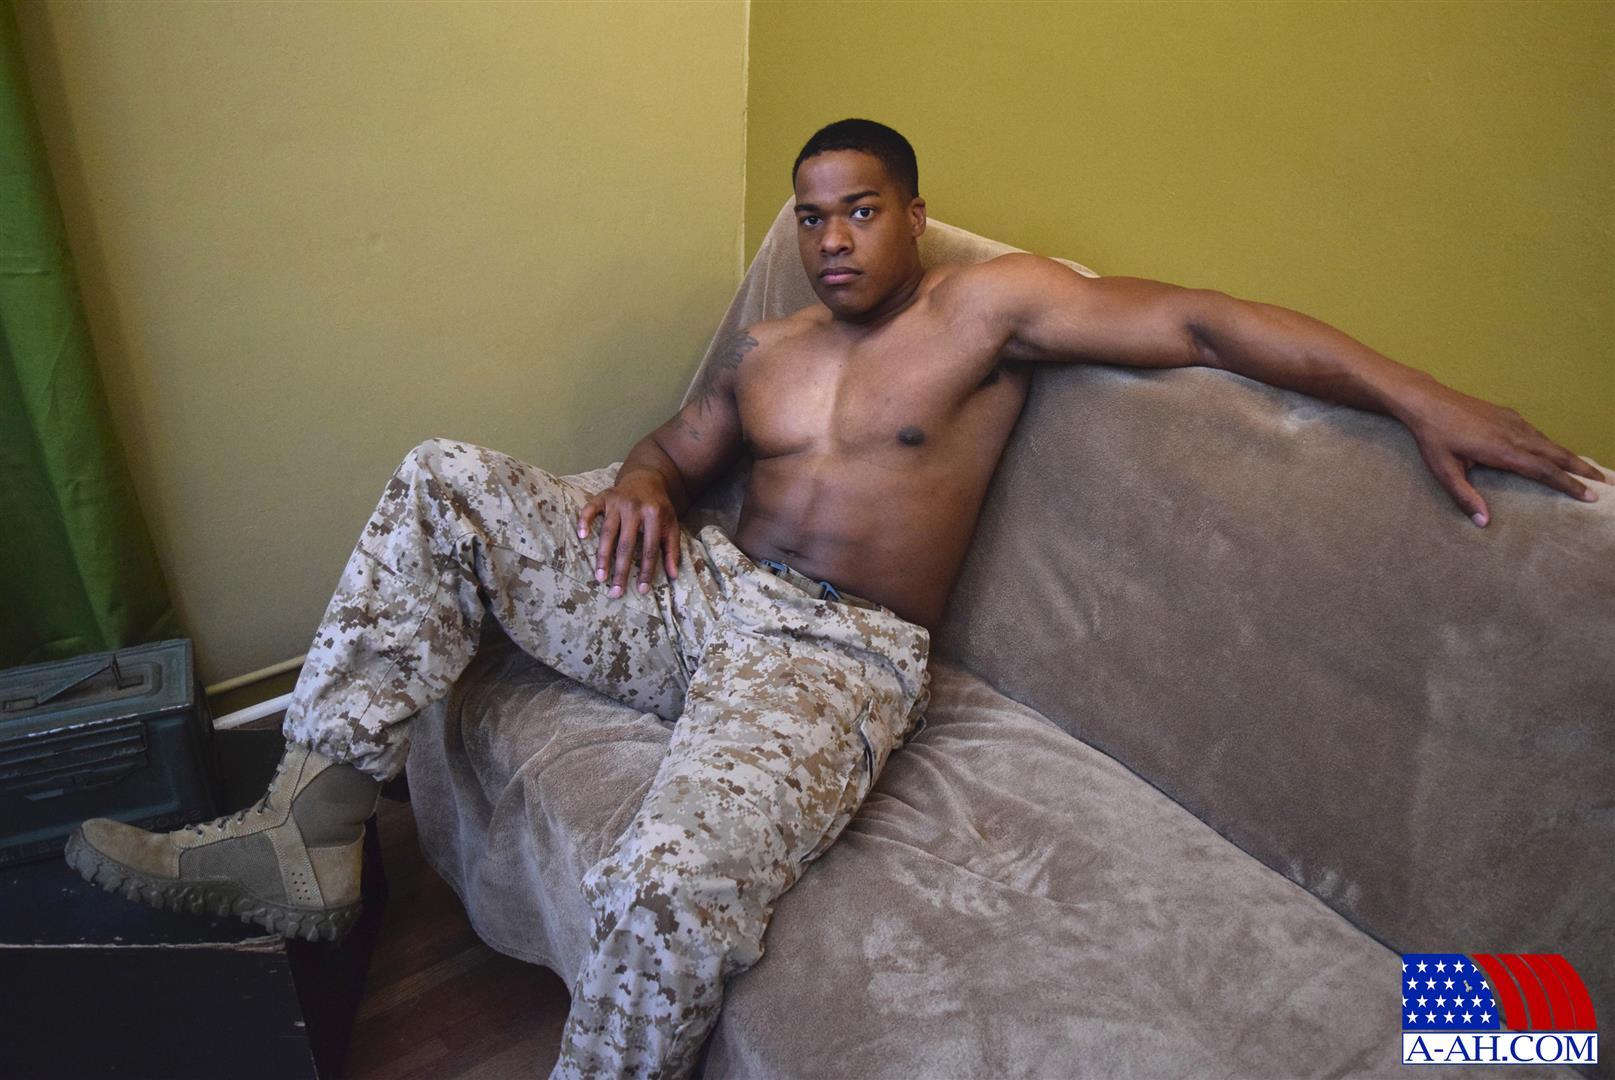 All-American-Heroes-Sean-Muscle-Navy-Petty-Officer-Jerking-Big-Black-Cock-Amateur-Gay-Porn-01.jpg